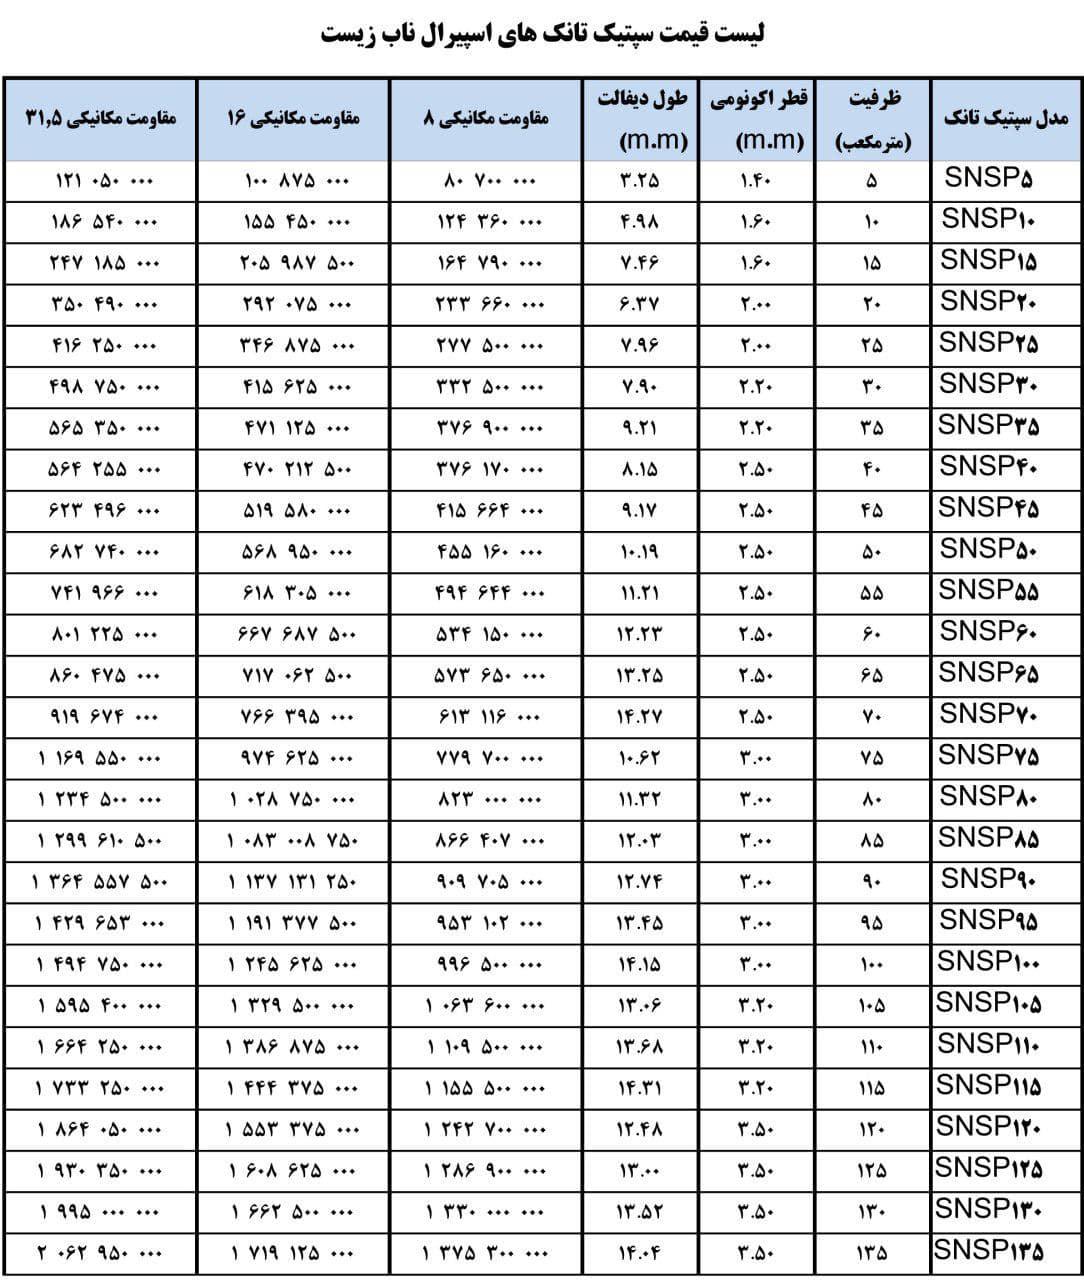 لیست قیمت مخزن سپتیک